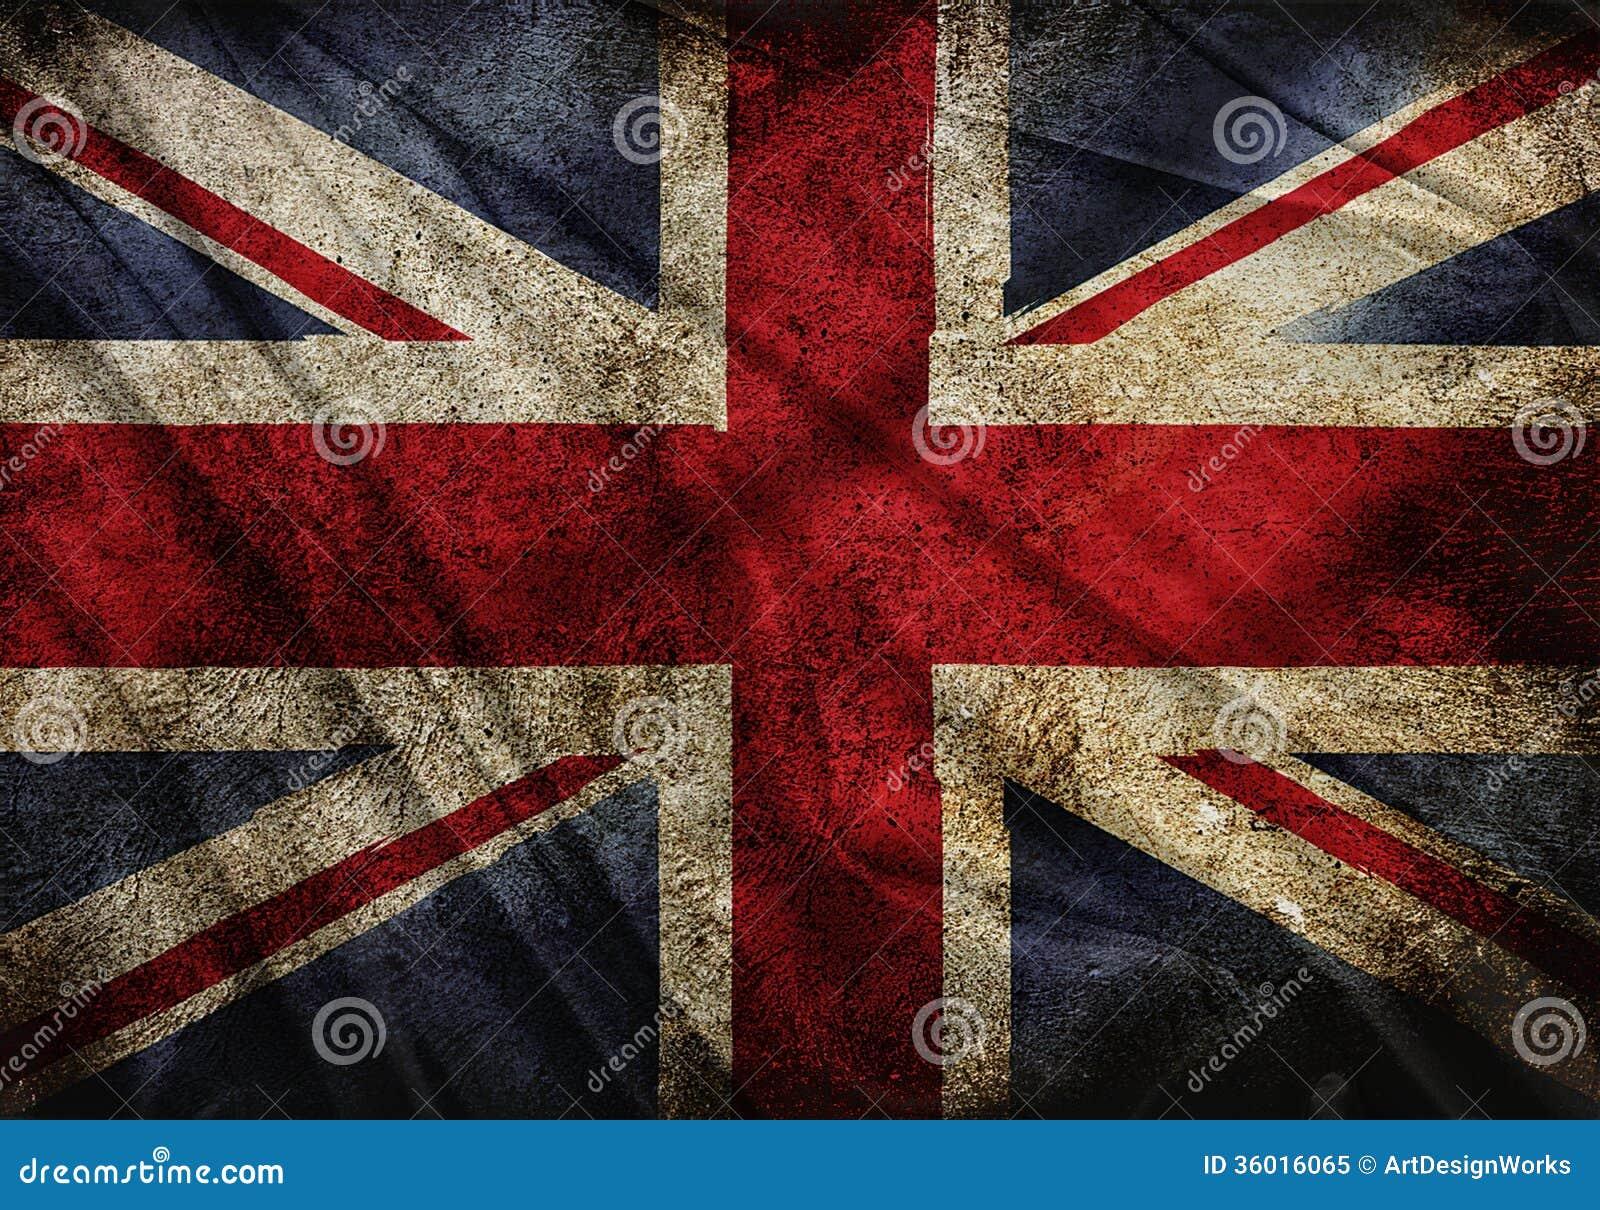 Bandera de Inglaterra stock de ilustración. Ilustración de efecto ...